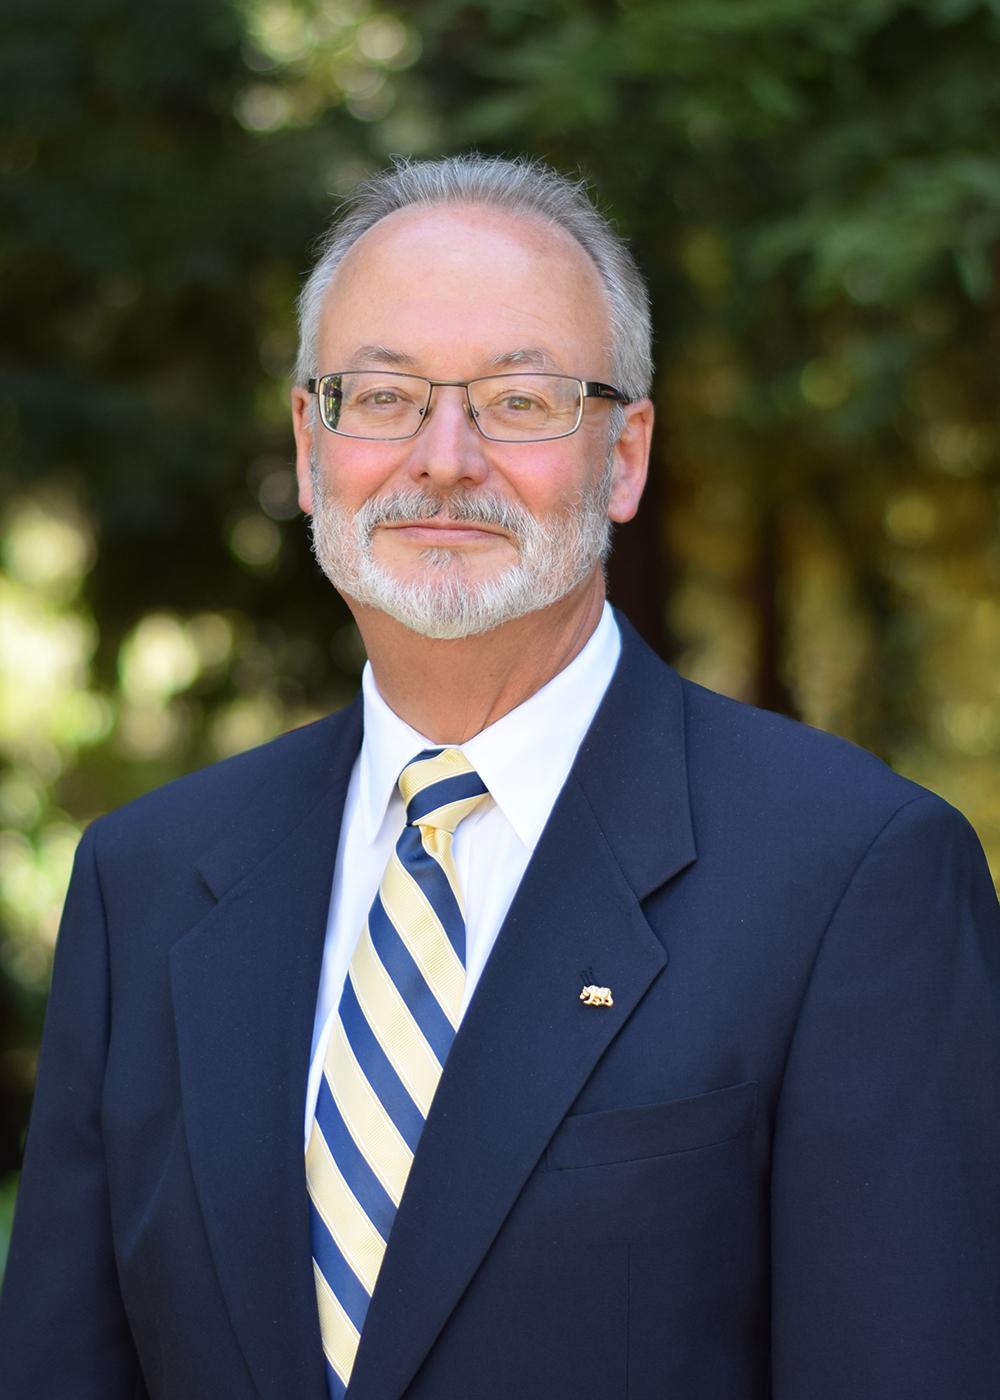 Dean Keith Gilless